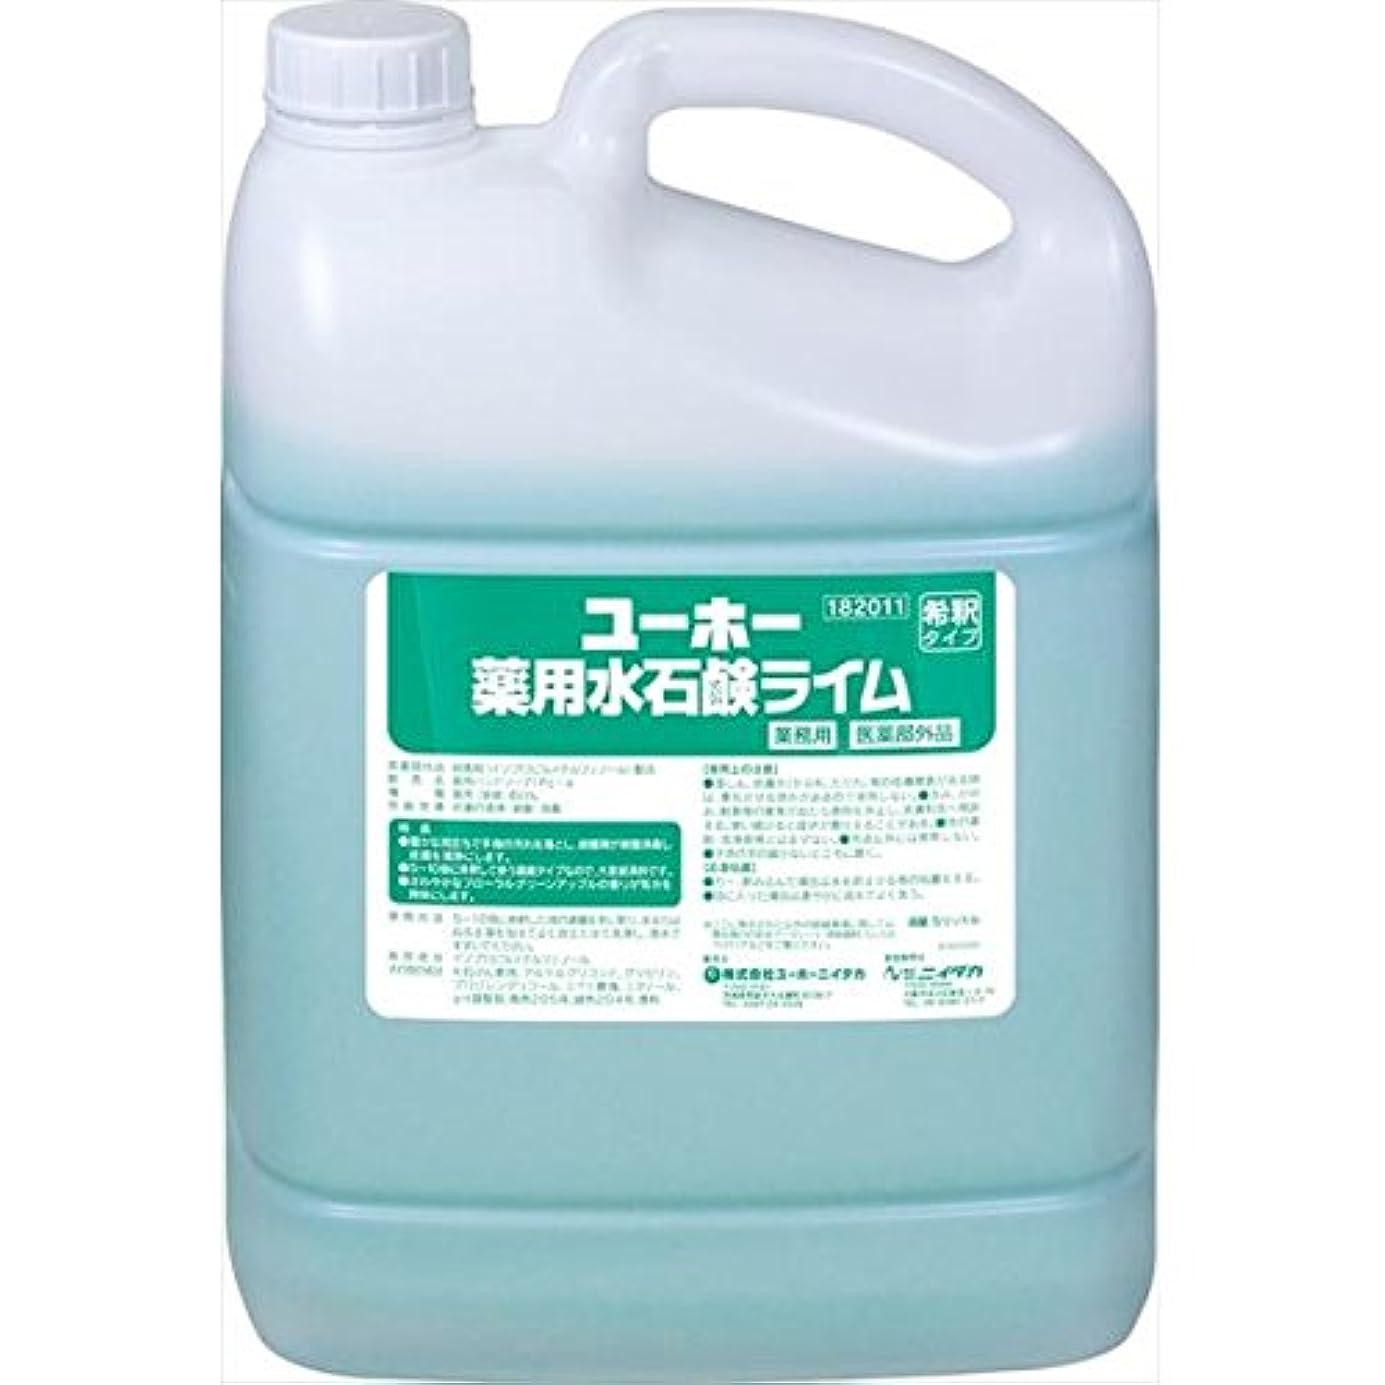 宇宙爆弾マットレスユーホーニイタカ:薬用水石鹸ライム 5L×2 182011